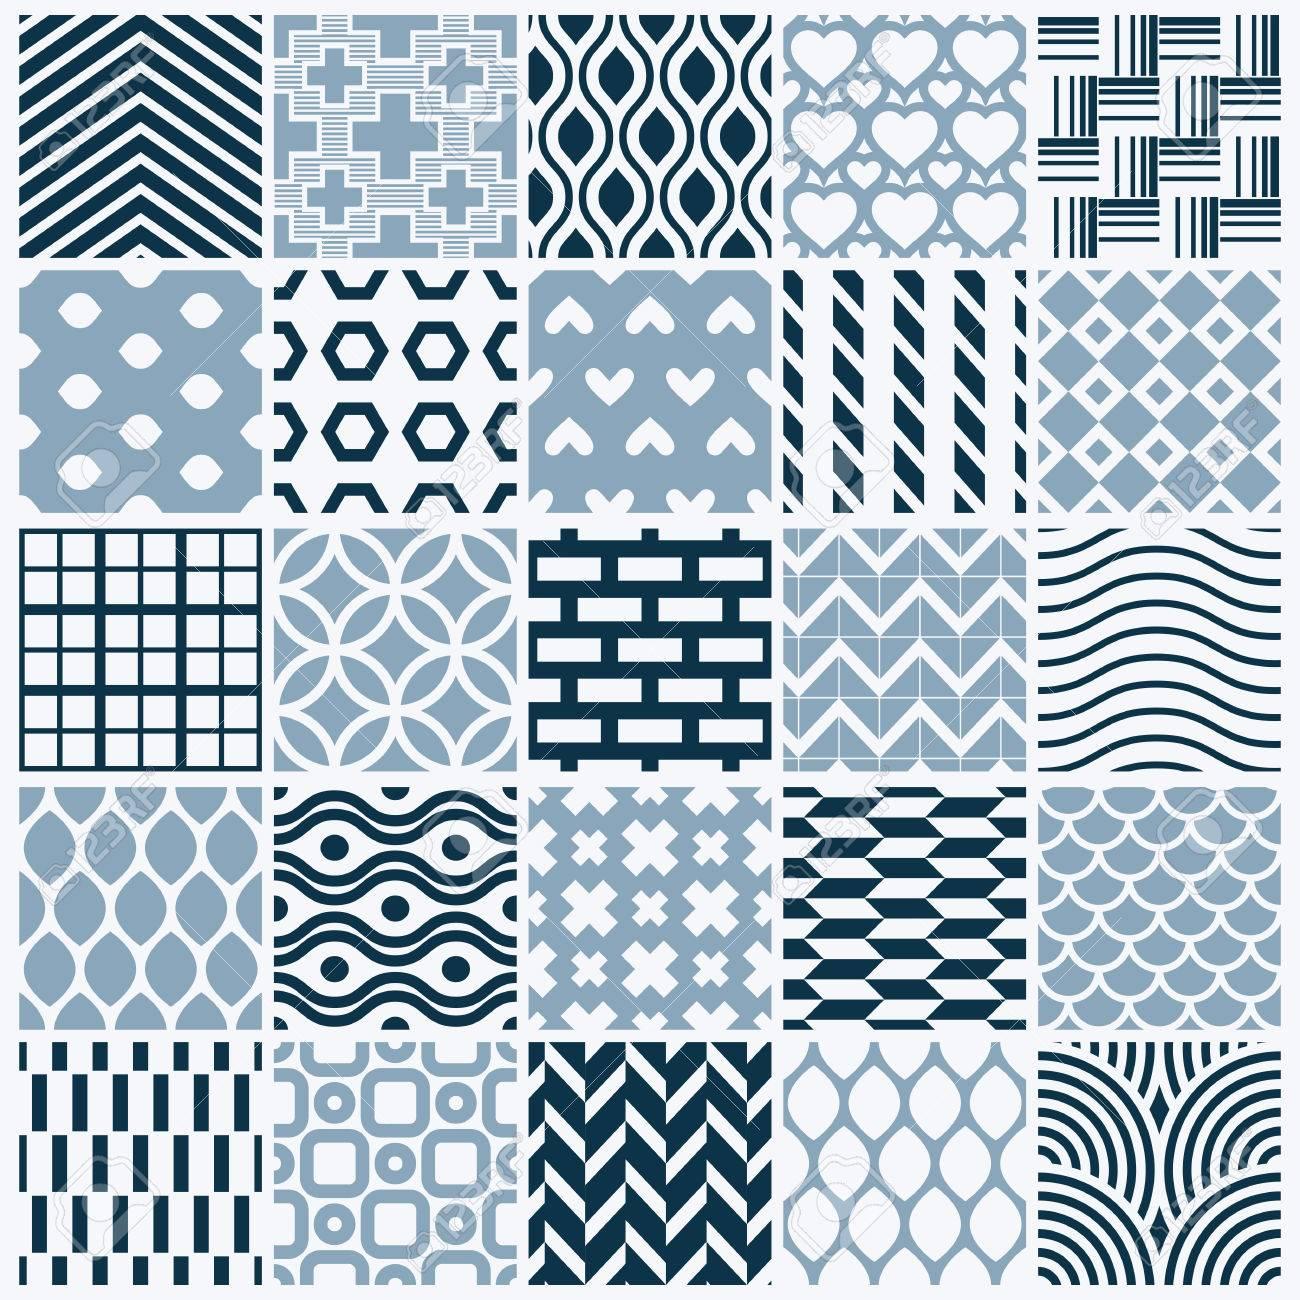 グラフィック装飾タイル コレクション 繰り返されるパターンを